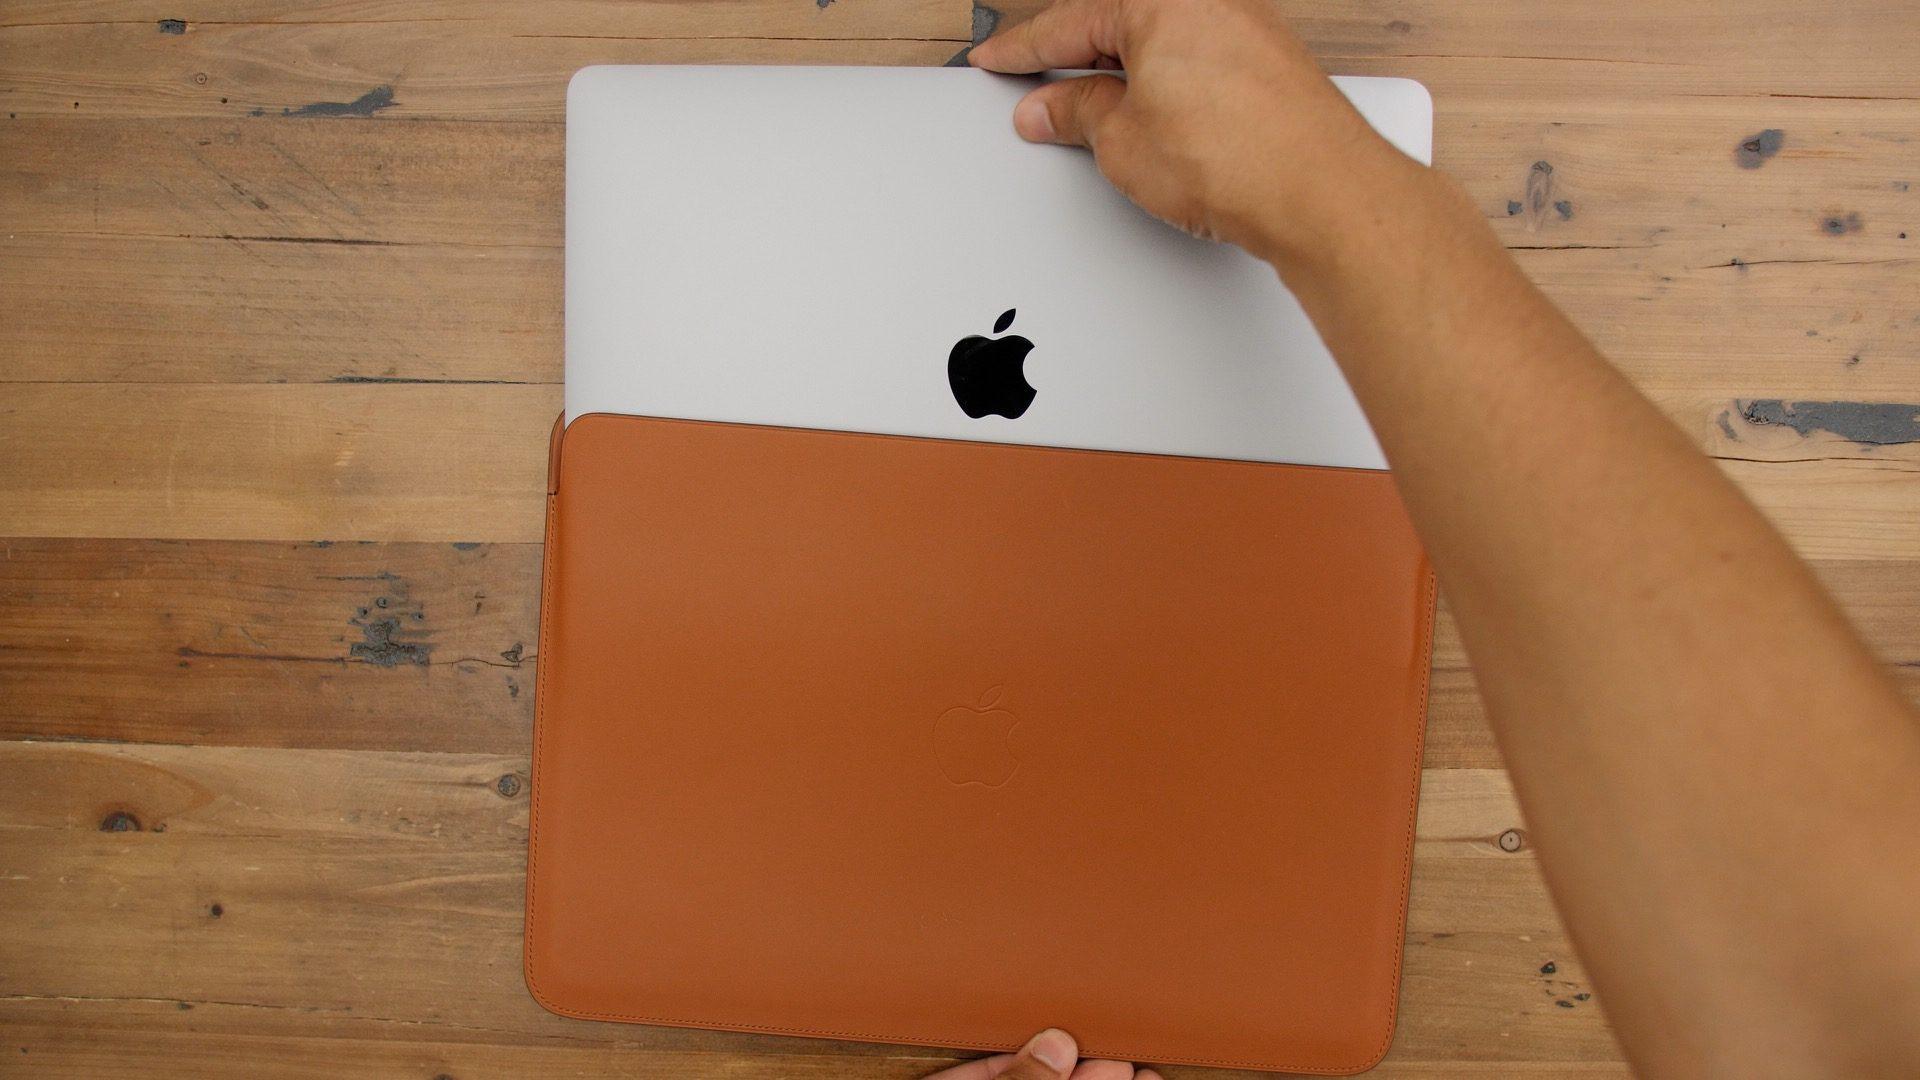 Túi chống sốc Macbook Pro bằng da của Apple có đáng mua